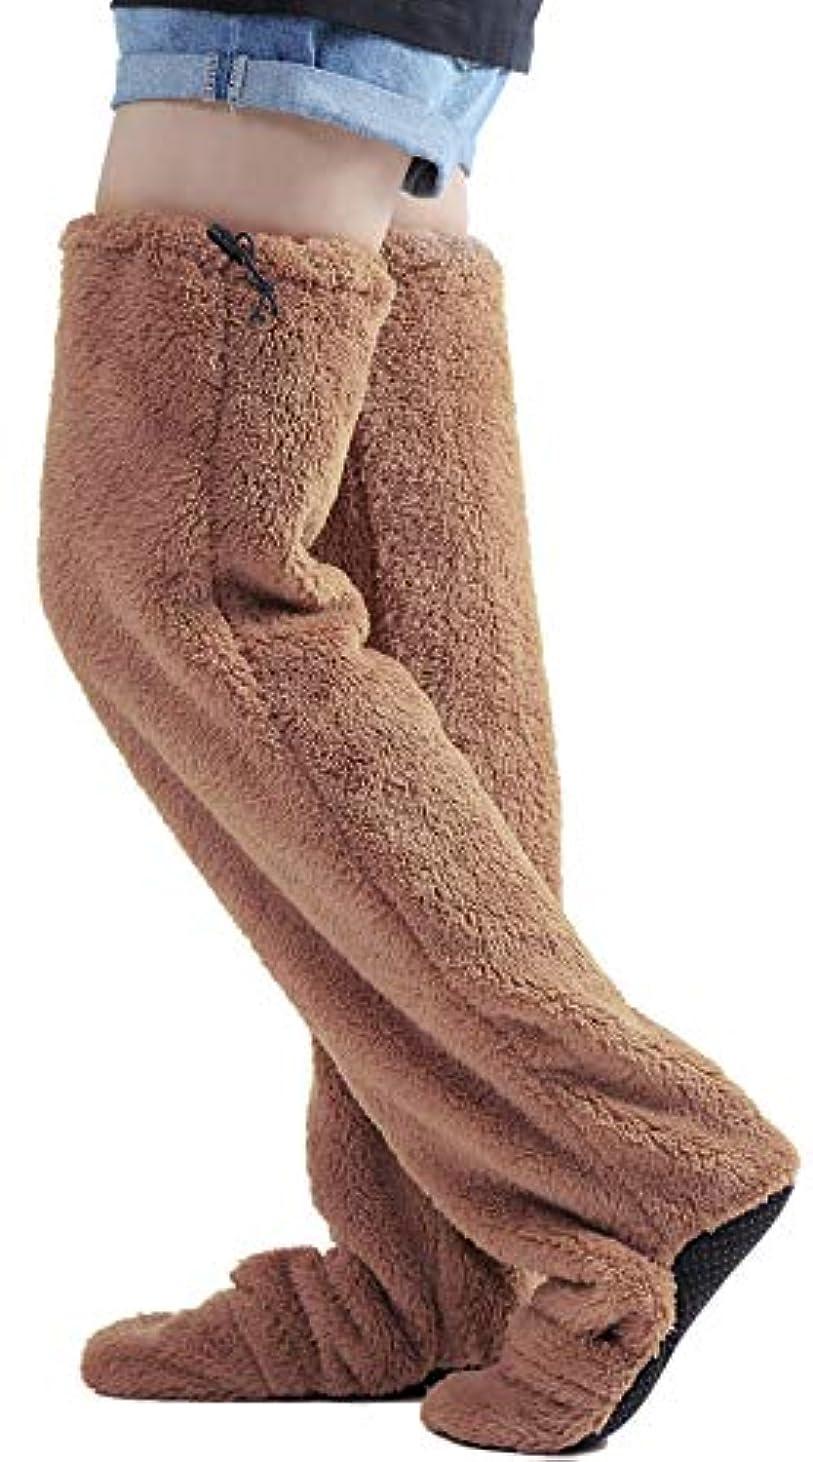 締めるリベラルフロントnicoly ヒートソックス 歩ける ロングカバー 極暖 ルームソックス 男女兼用 大きいサイズ (L)